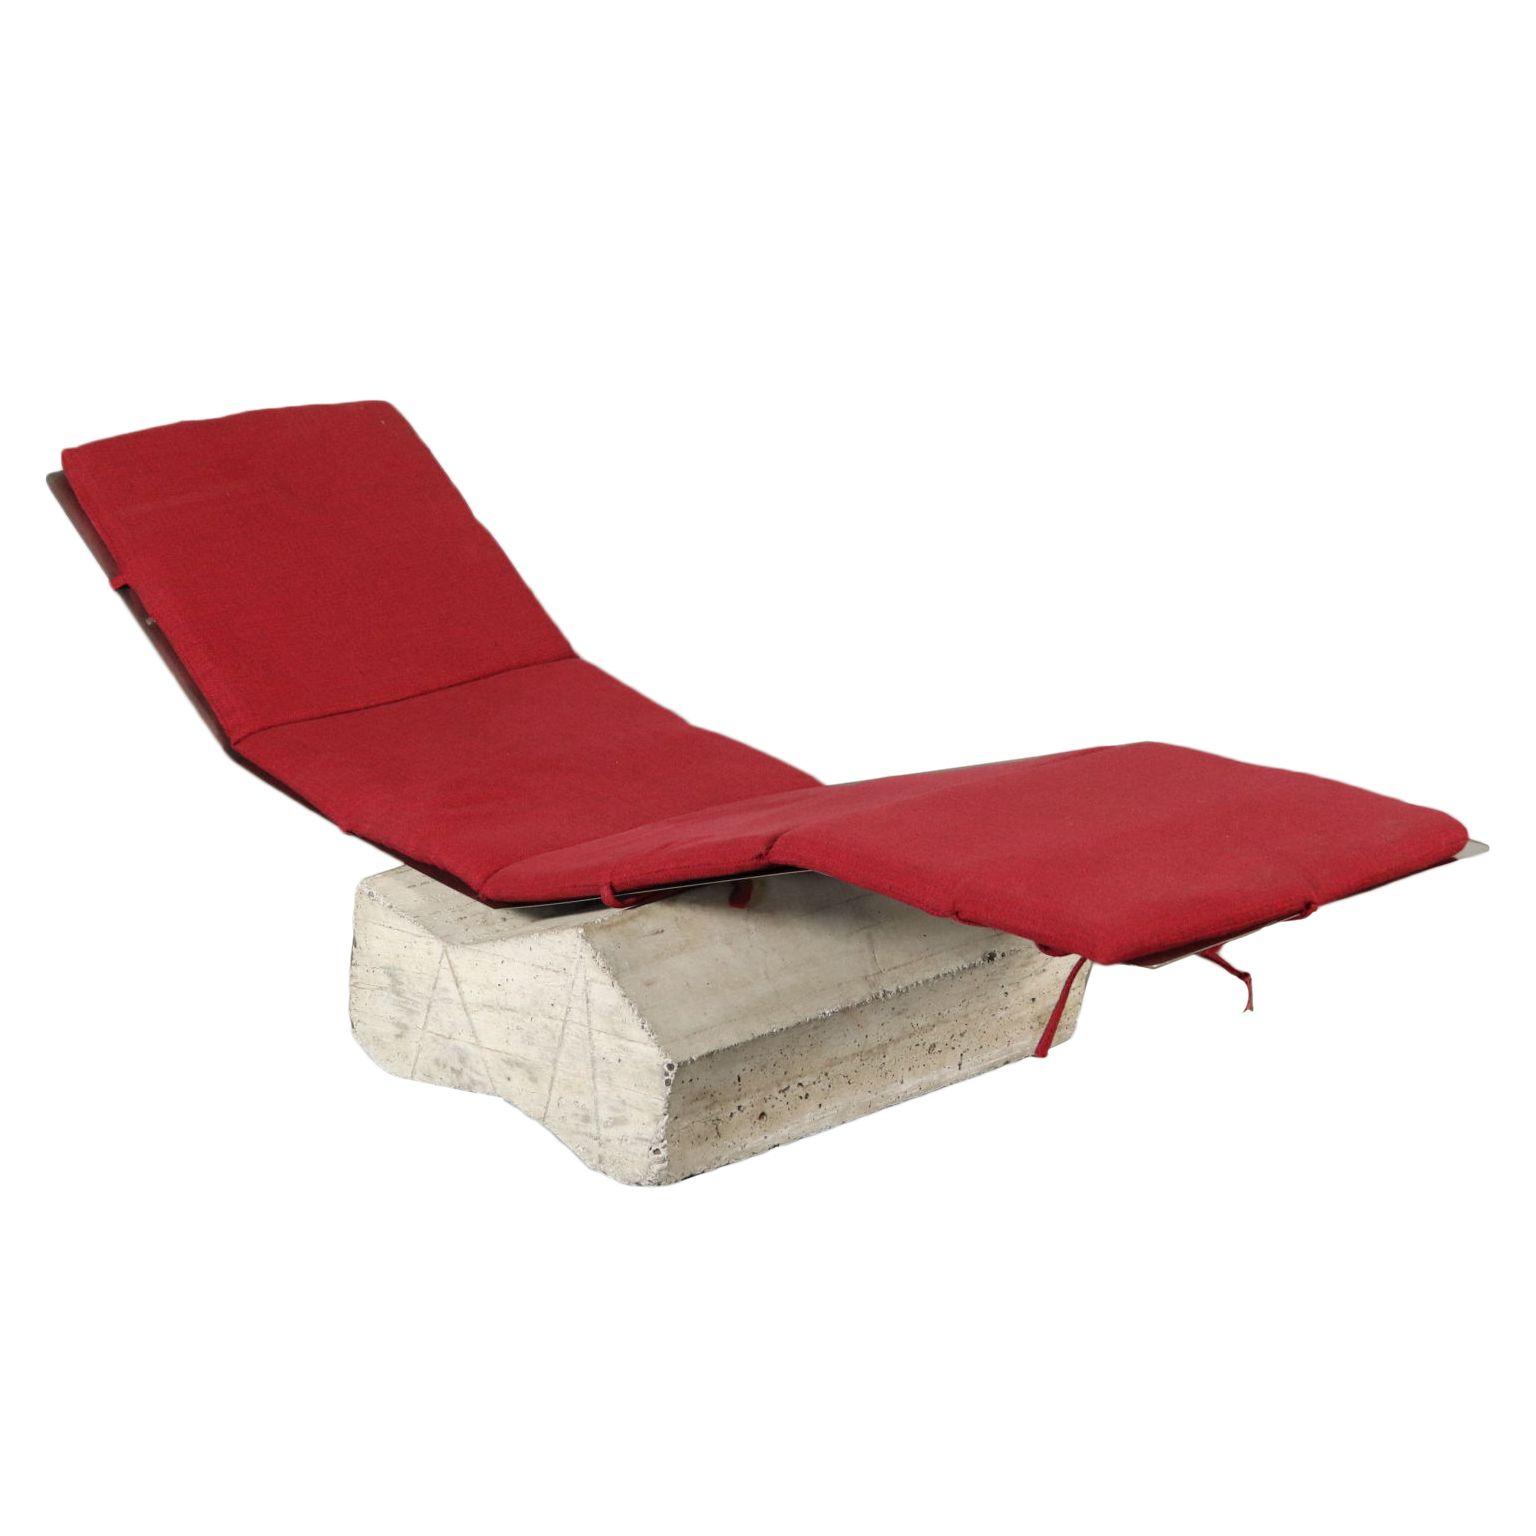 Chaise Longue Diapason Vintage Design Italie Des Années 70-80